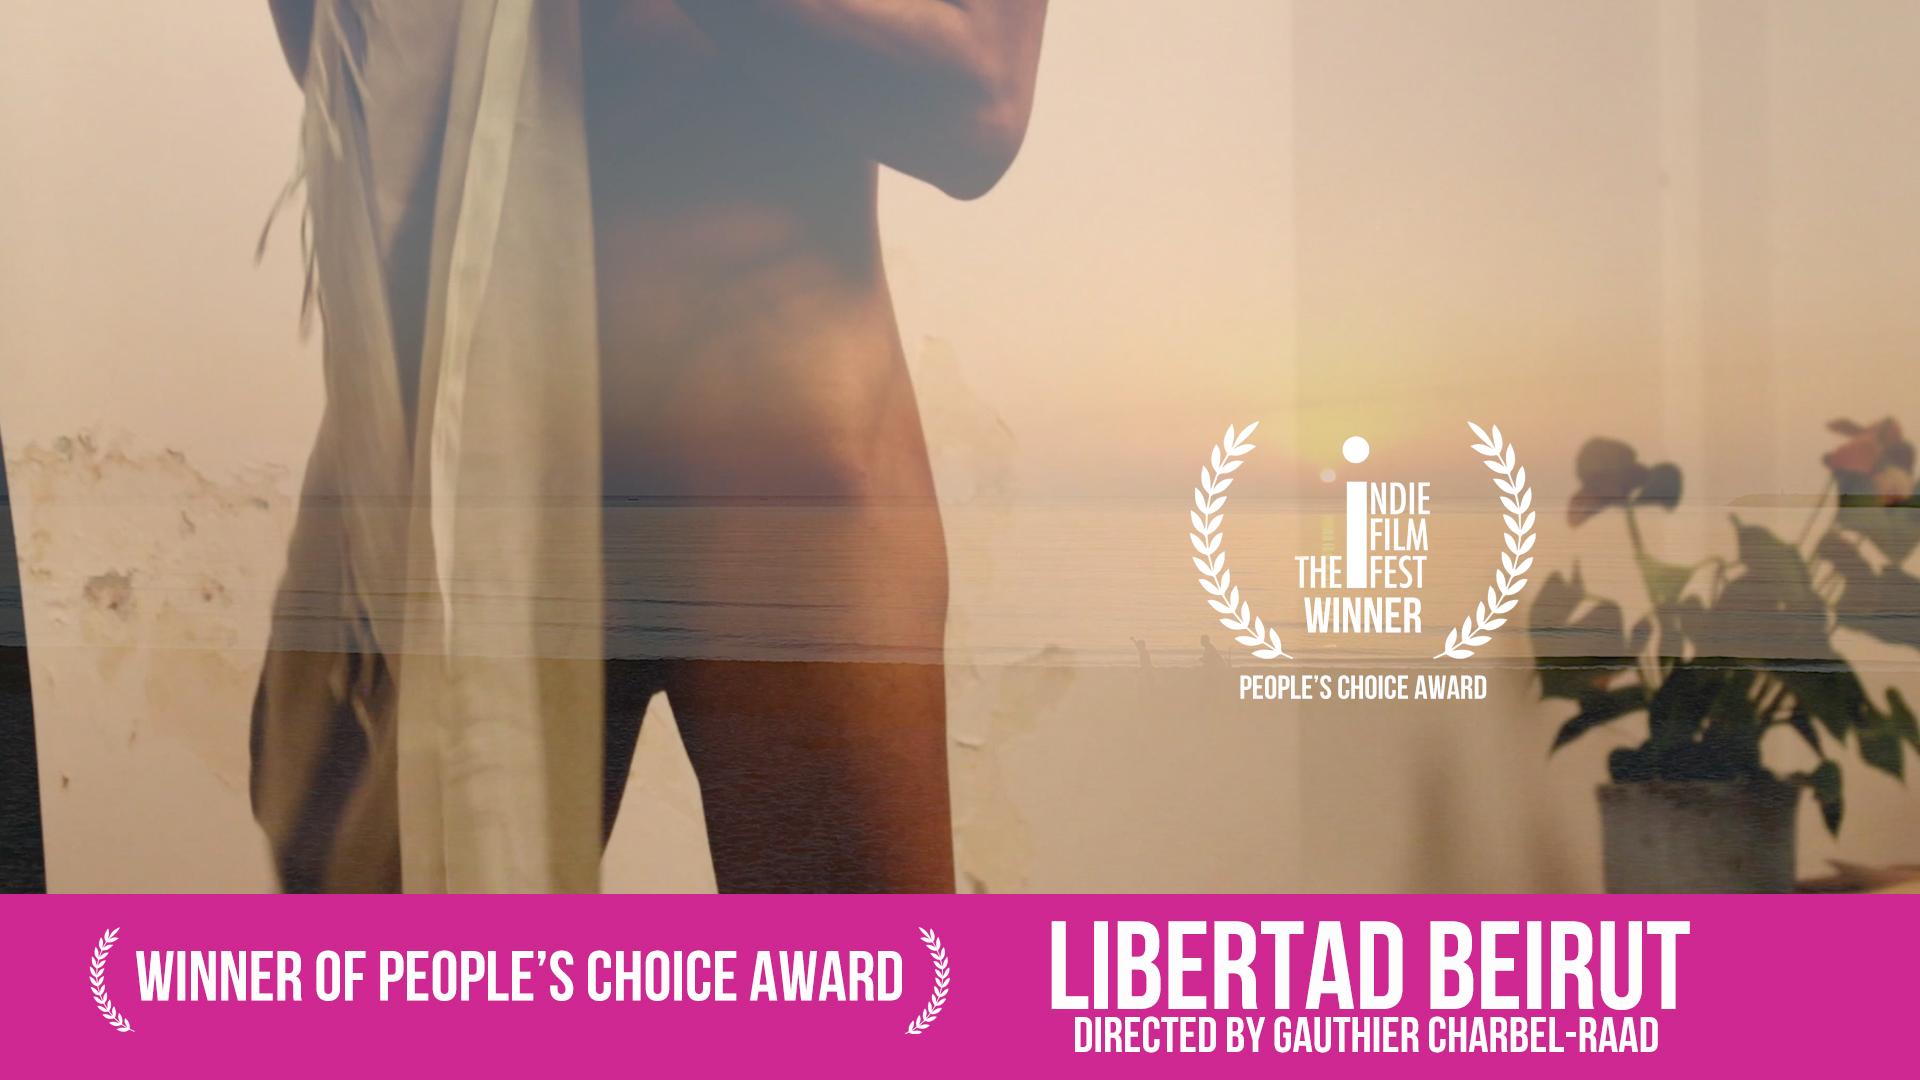 peopleschoiceaward-libertadbeirut